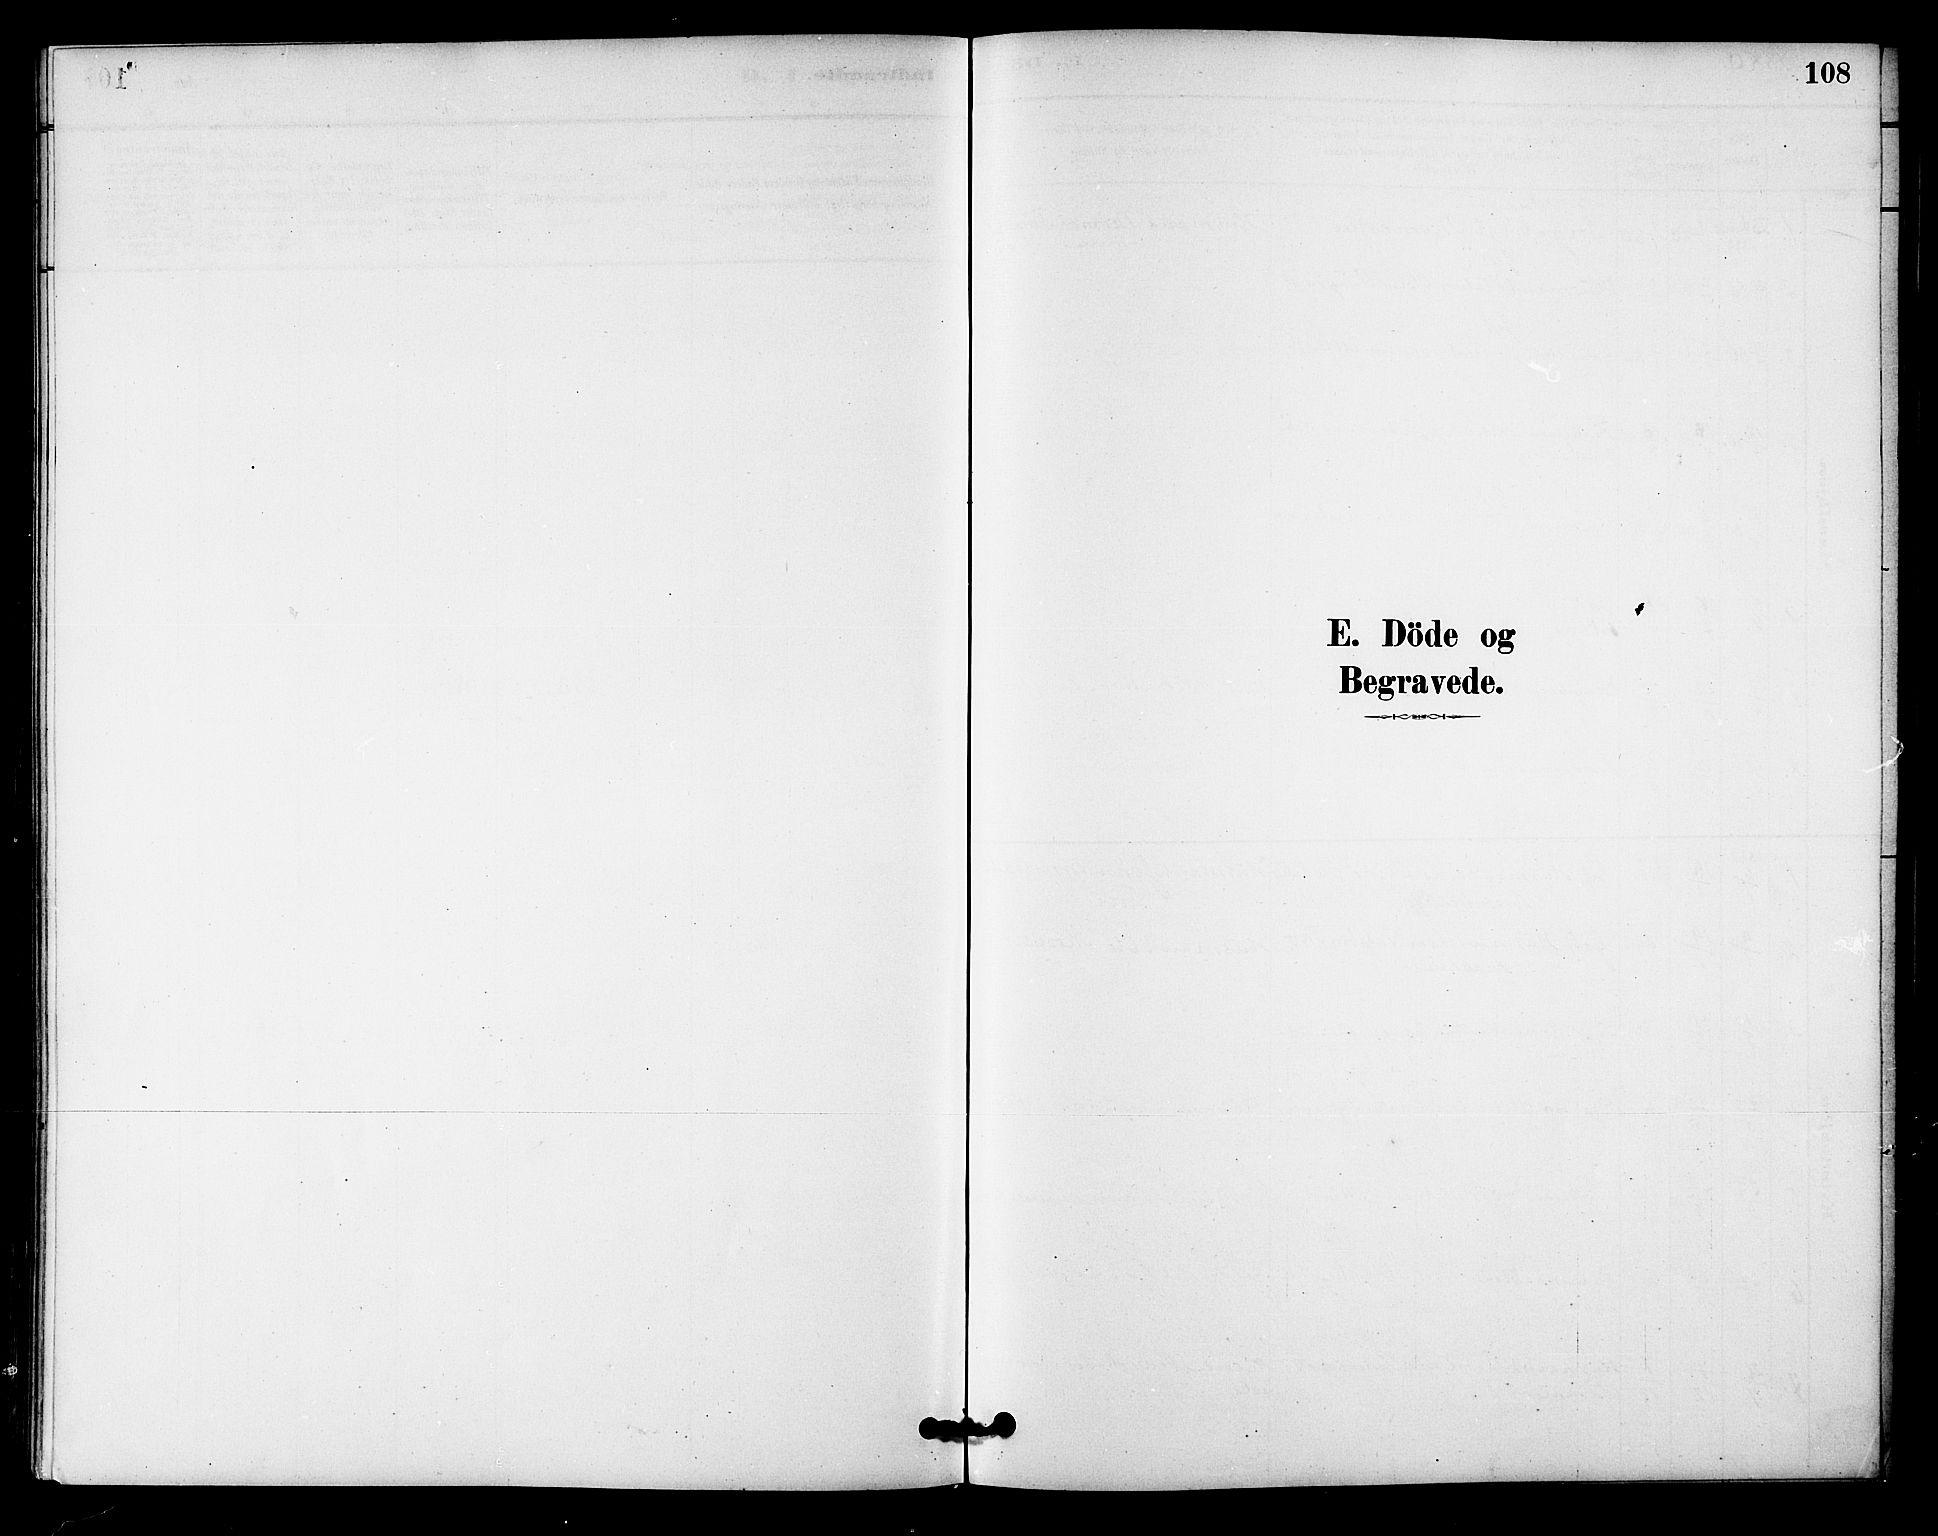 SAT, Ministerialprotokoller, klokkerbøker og fødselsregistre - Sør-Trøndelag, 618/L0444: Ministerialbok nr. 618A07, 1880-1898, s. 108